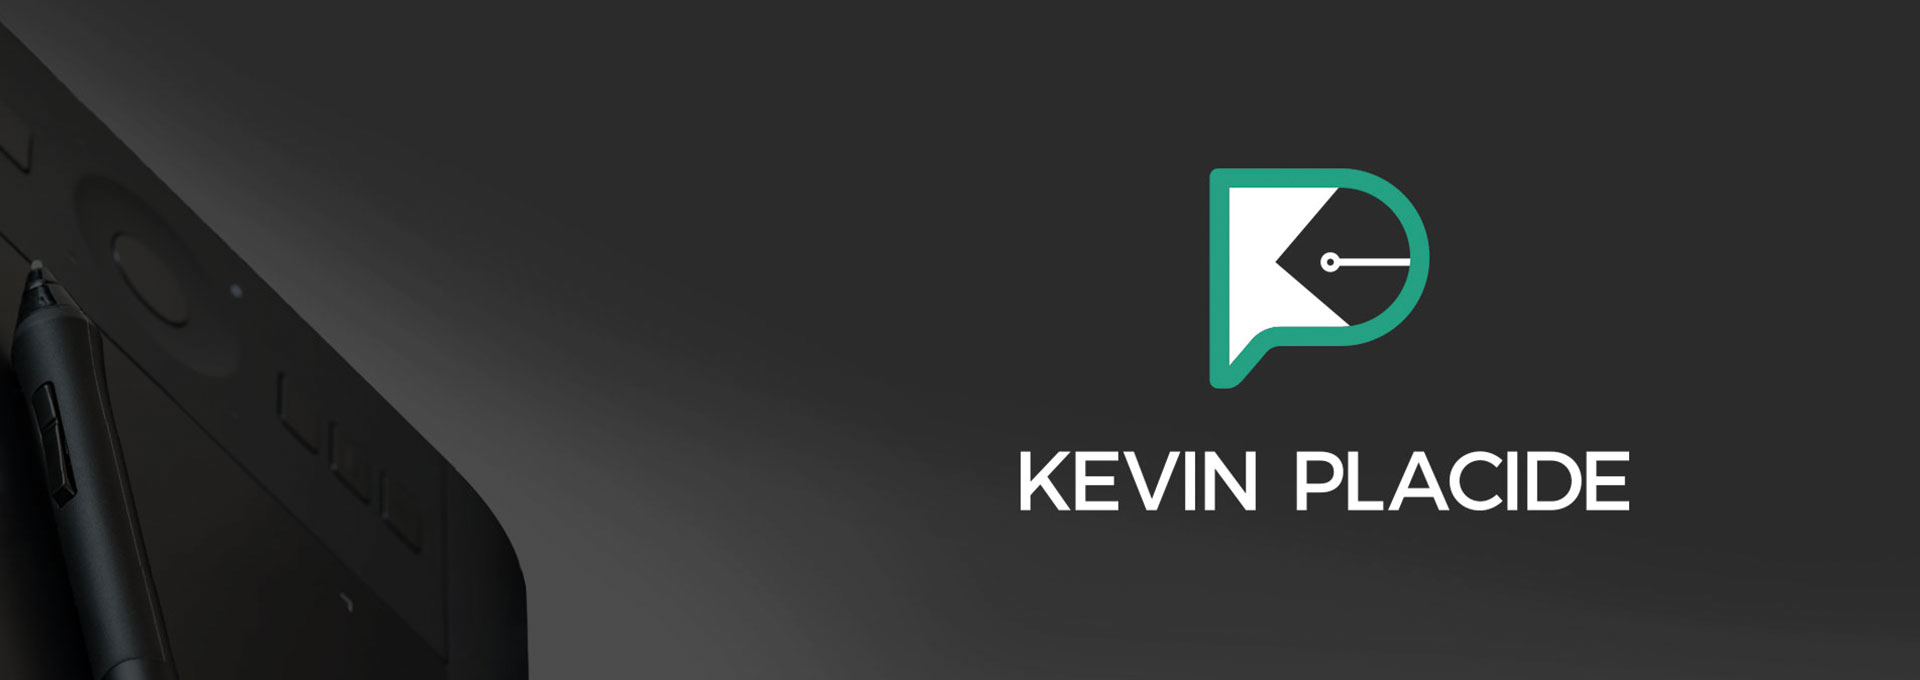 logo kevin placide avec tablette graphique